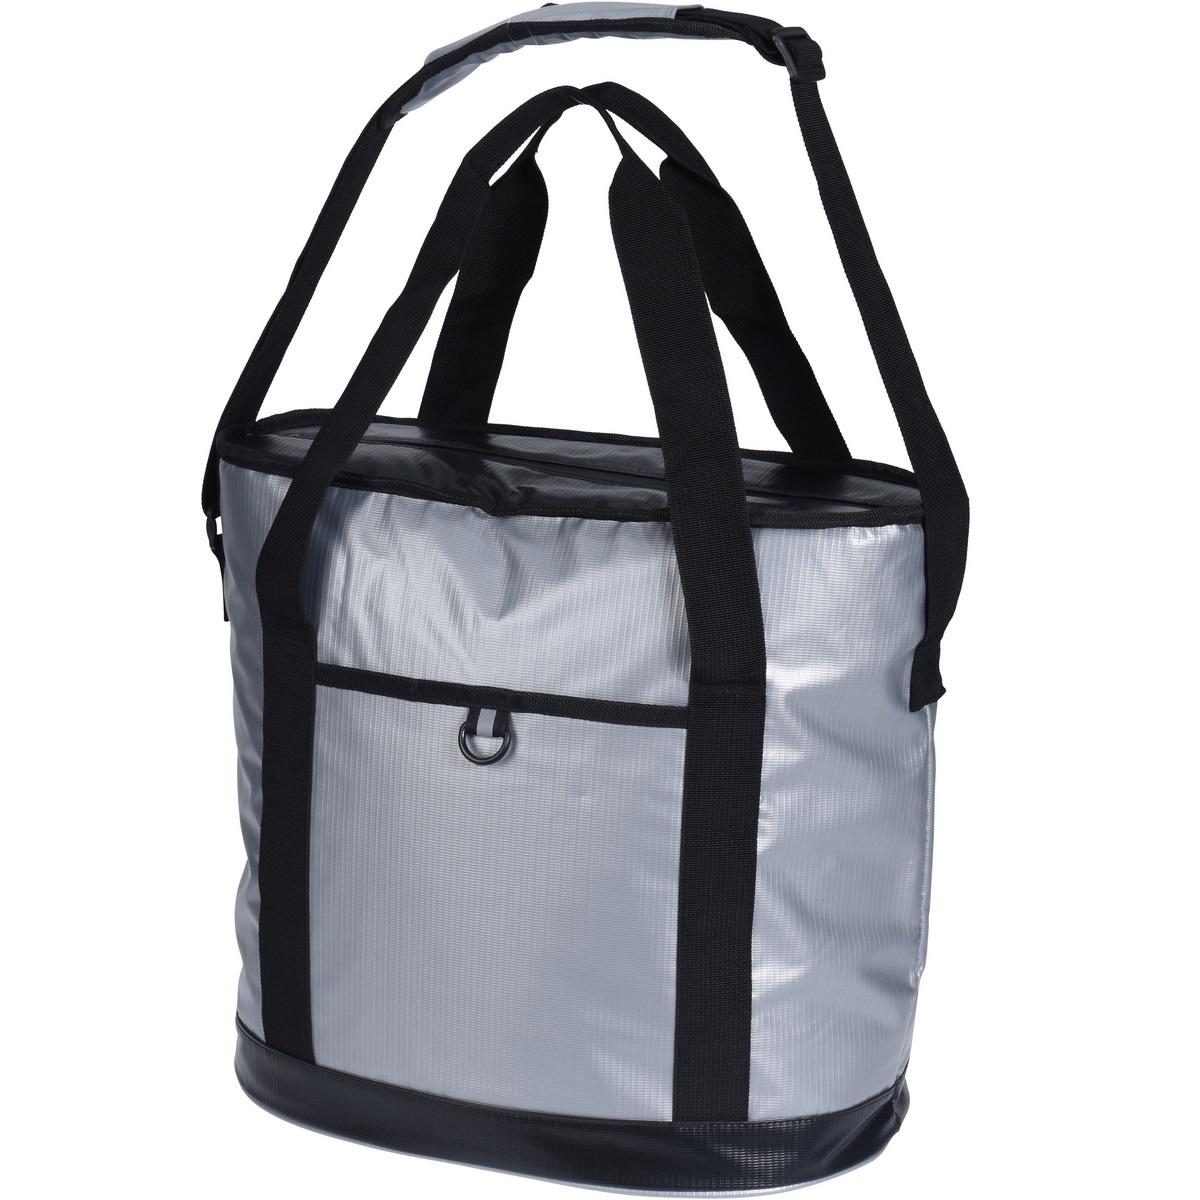 Koopman Chladicí taška Icy stříbrná, 36 x 23 x 39 cm